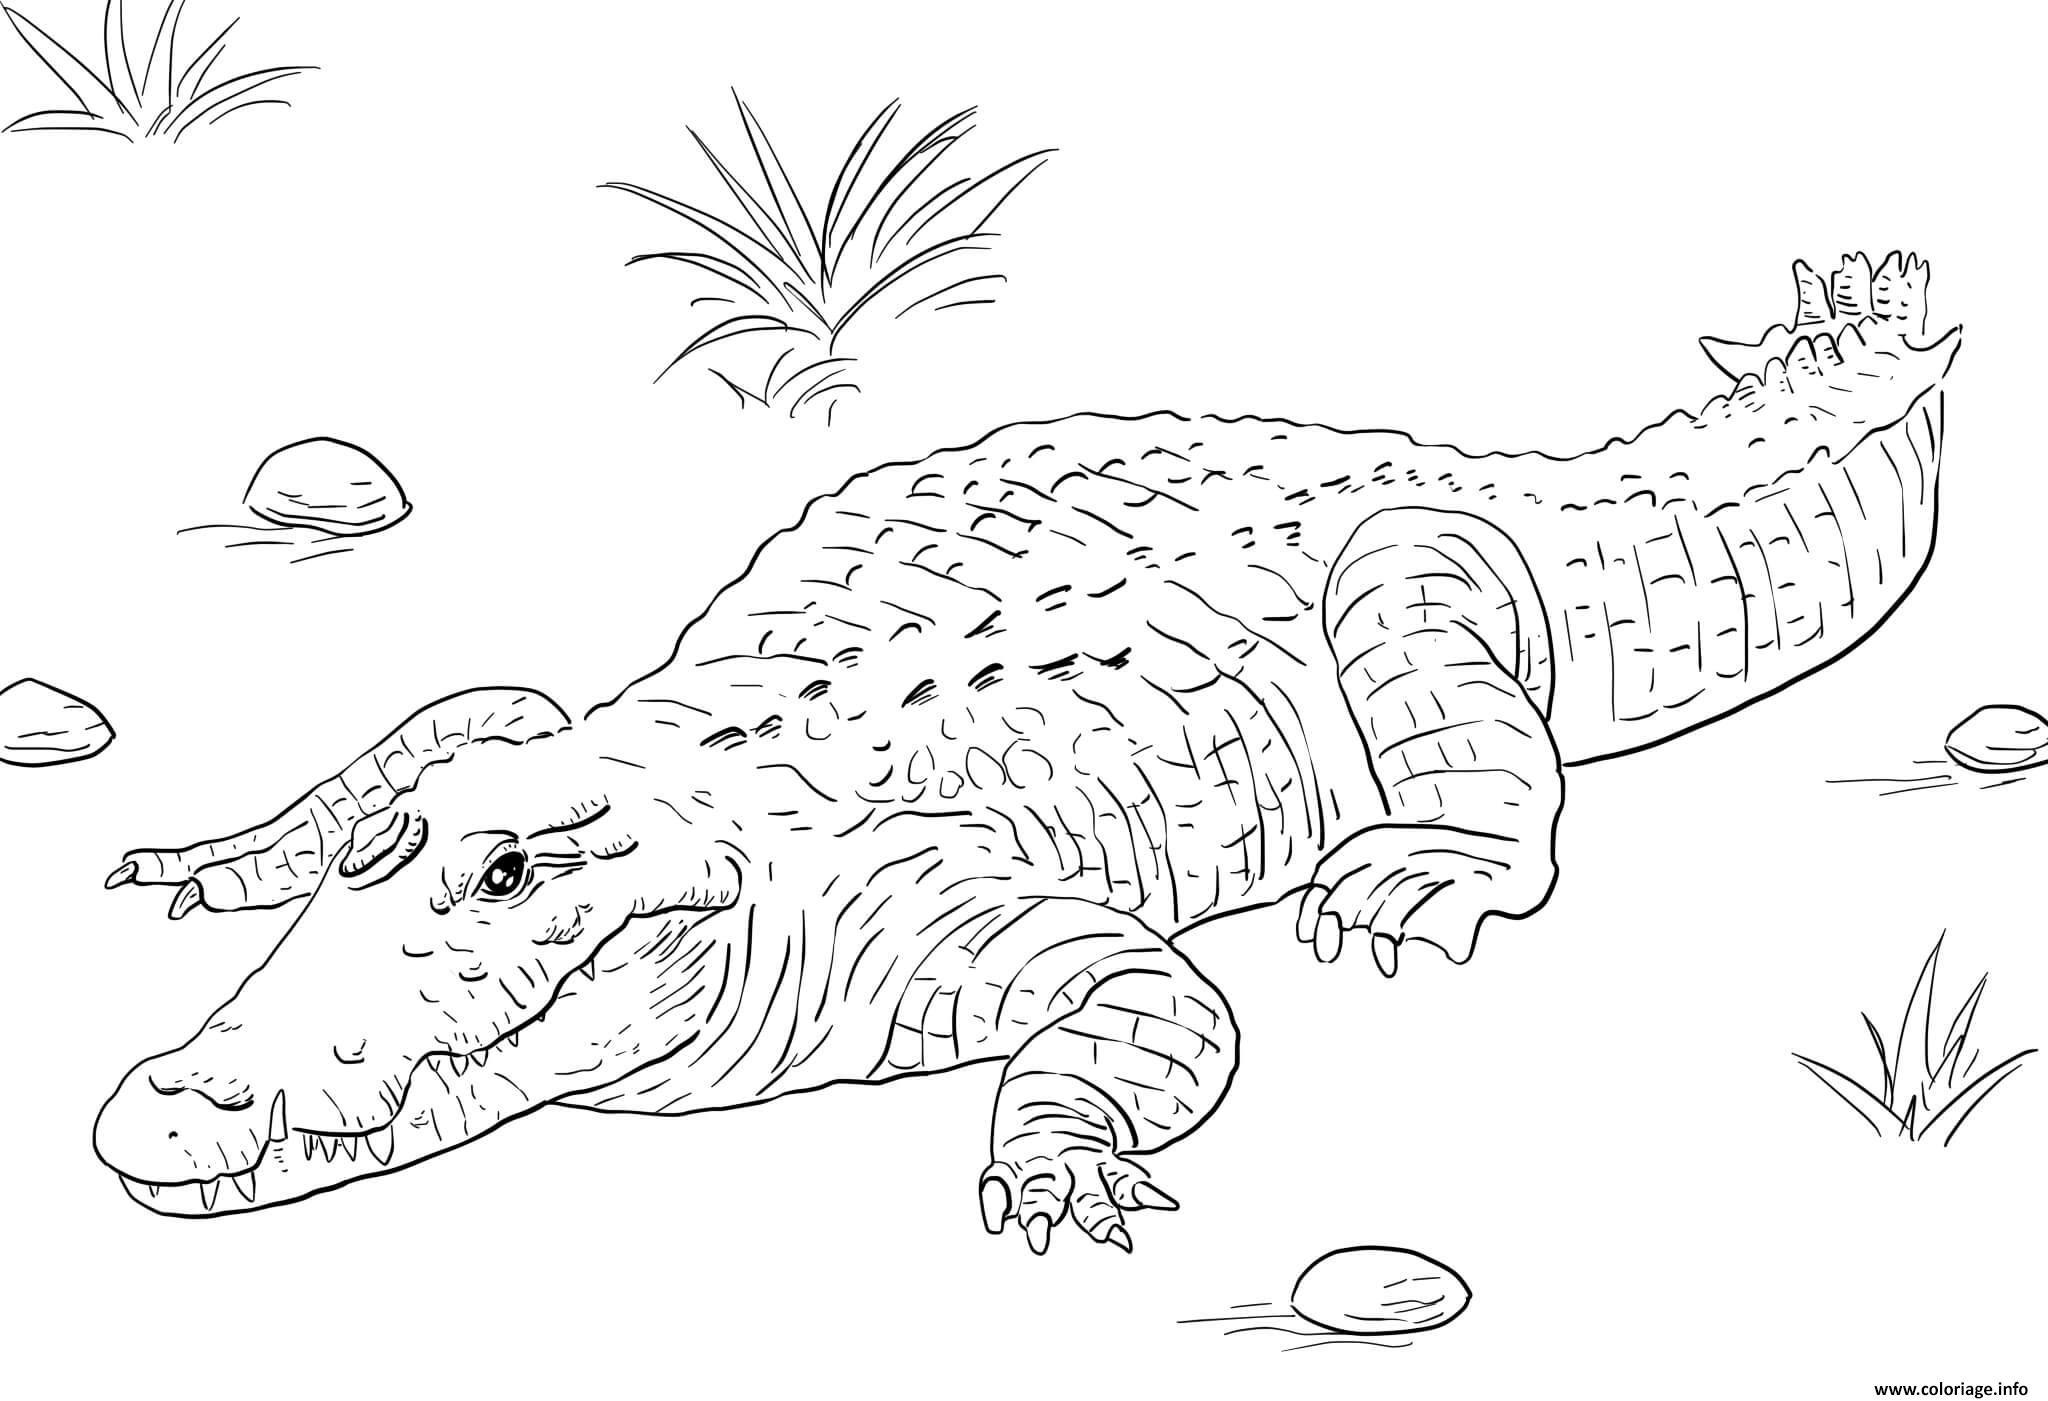 Dessin afrique nile crocodile Coloriage Gratuit à Imprimer